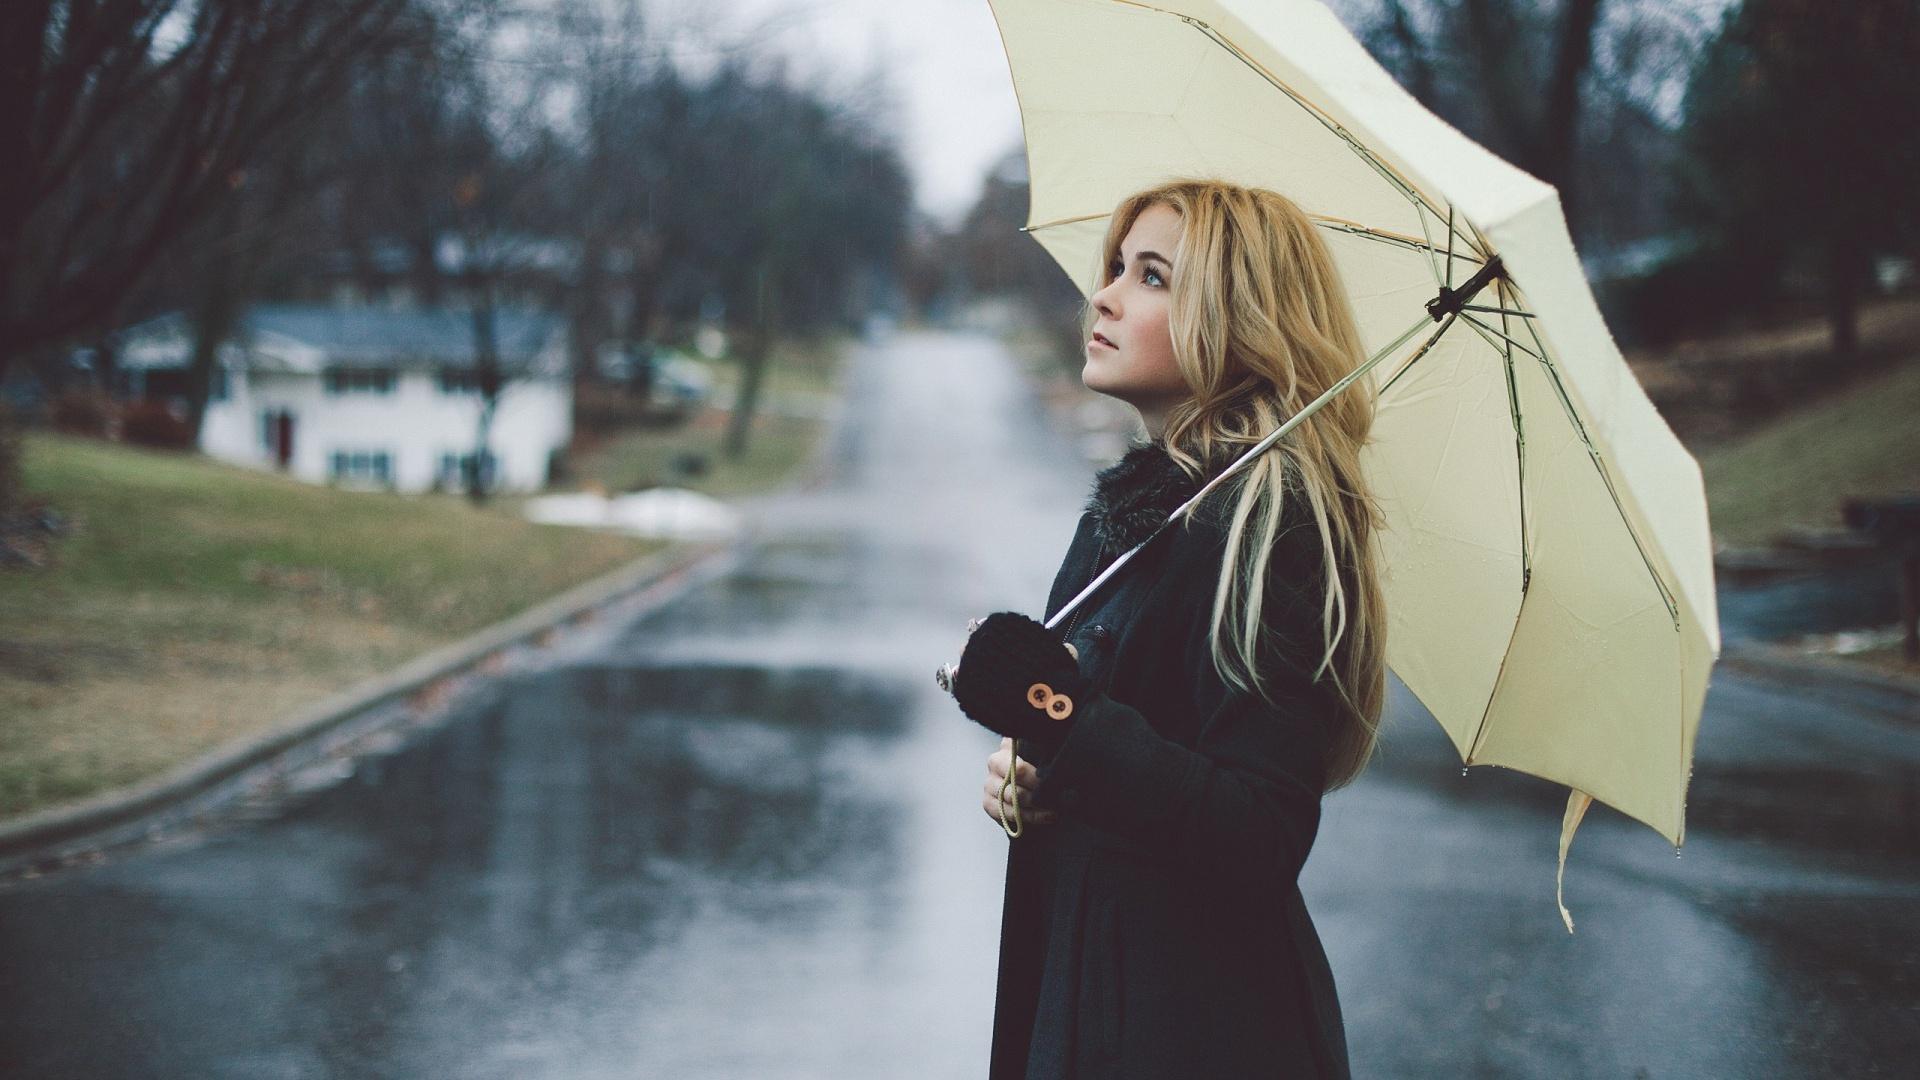 фотосессии в дождь одному для того, чтобы